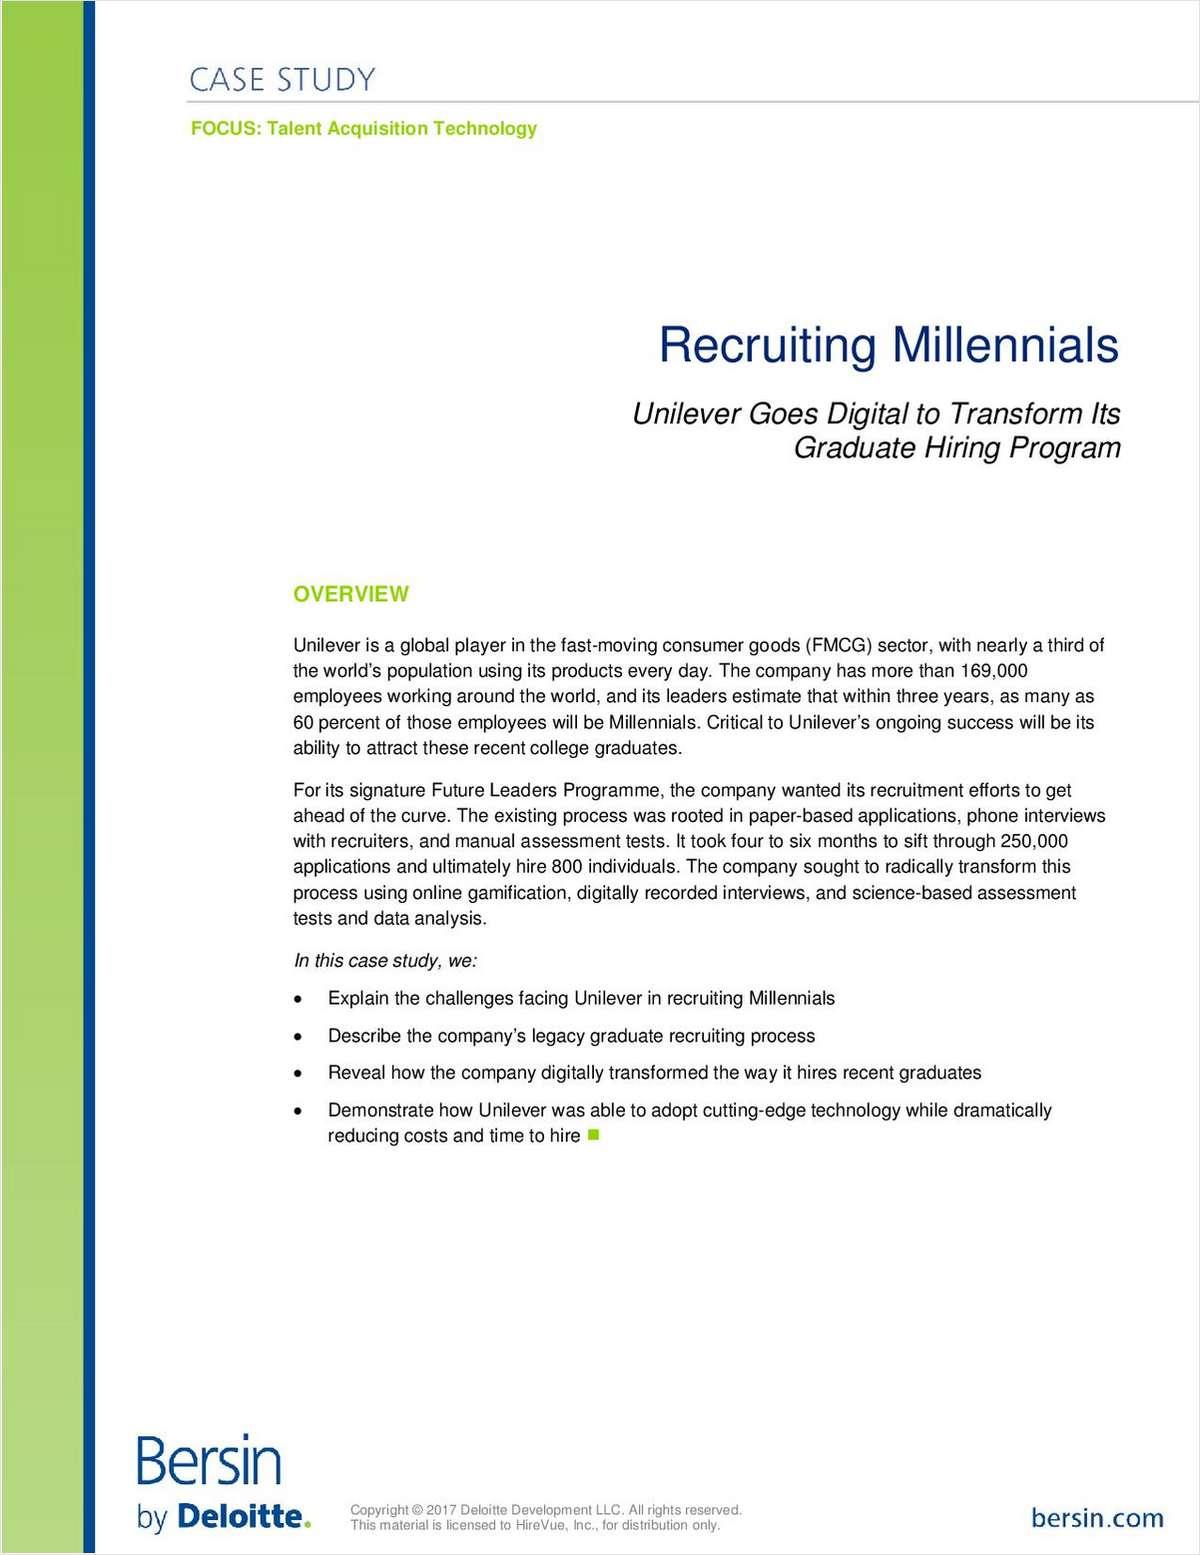 Recruitment case studies